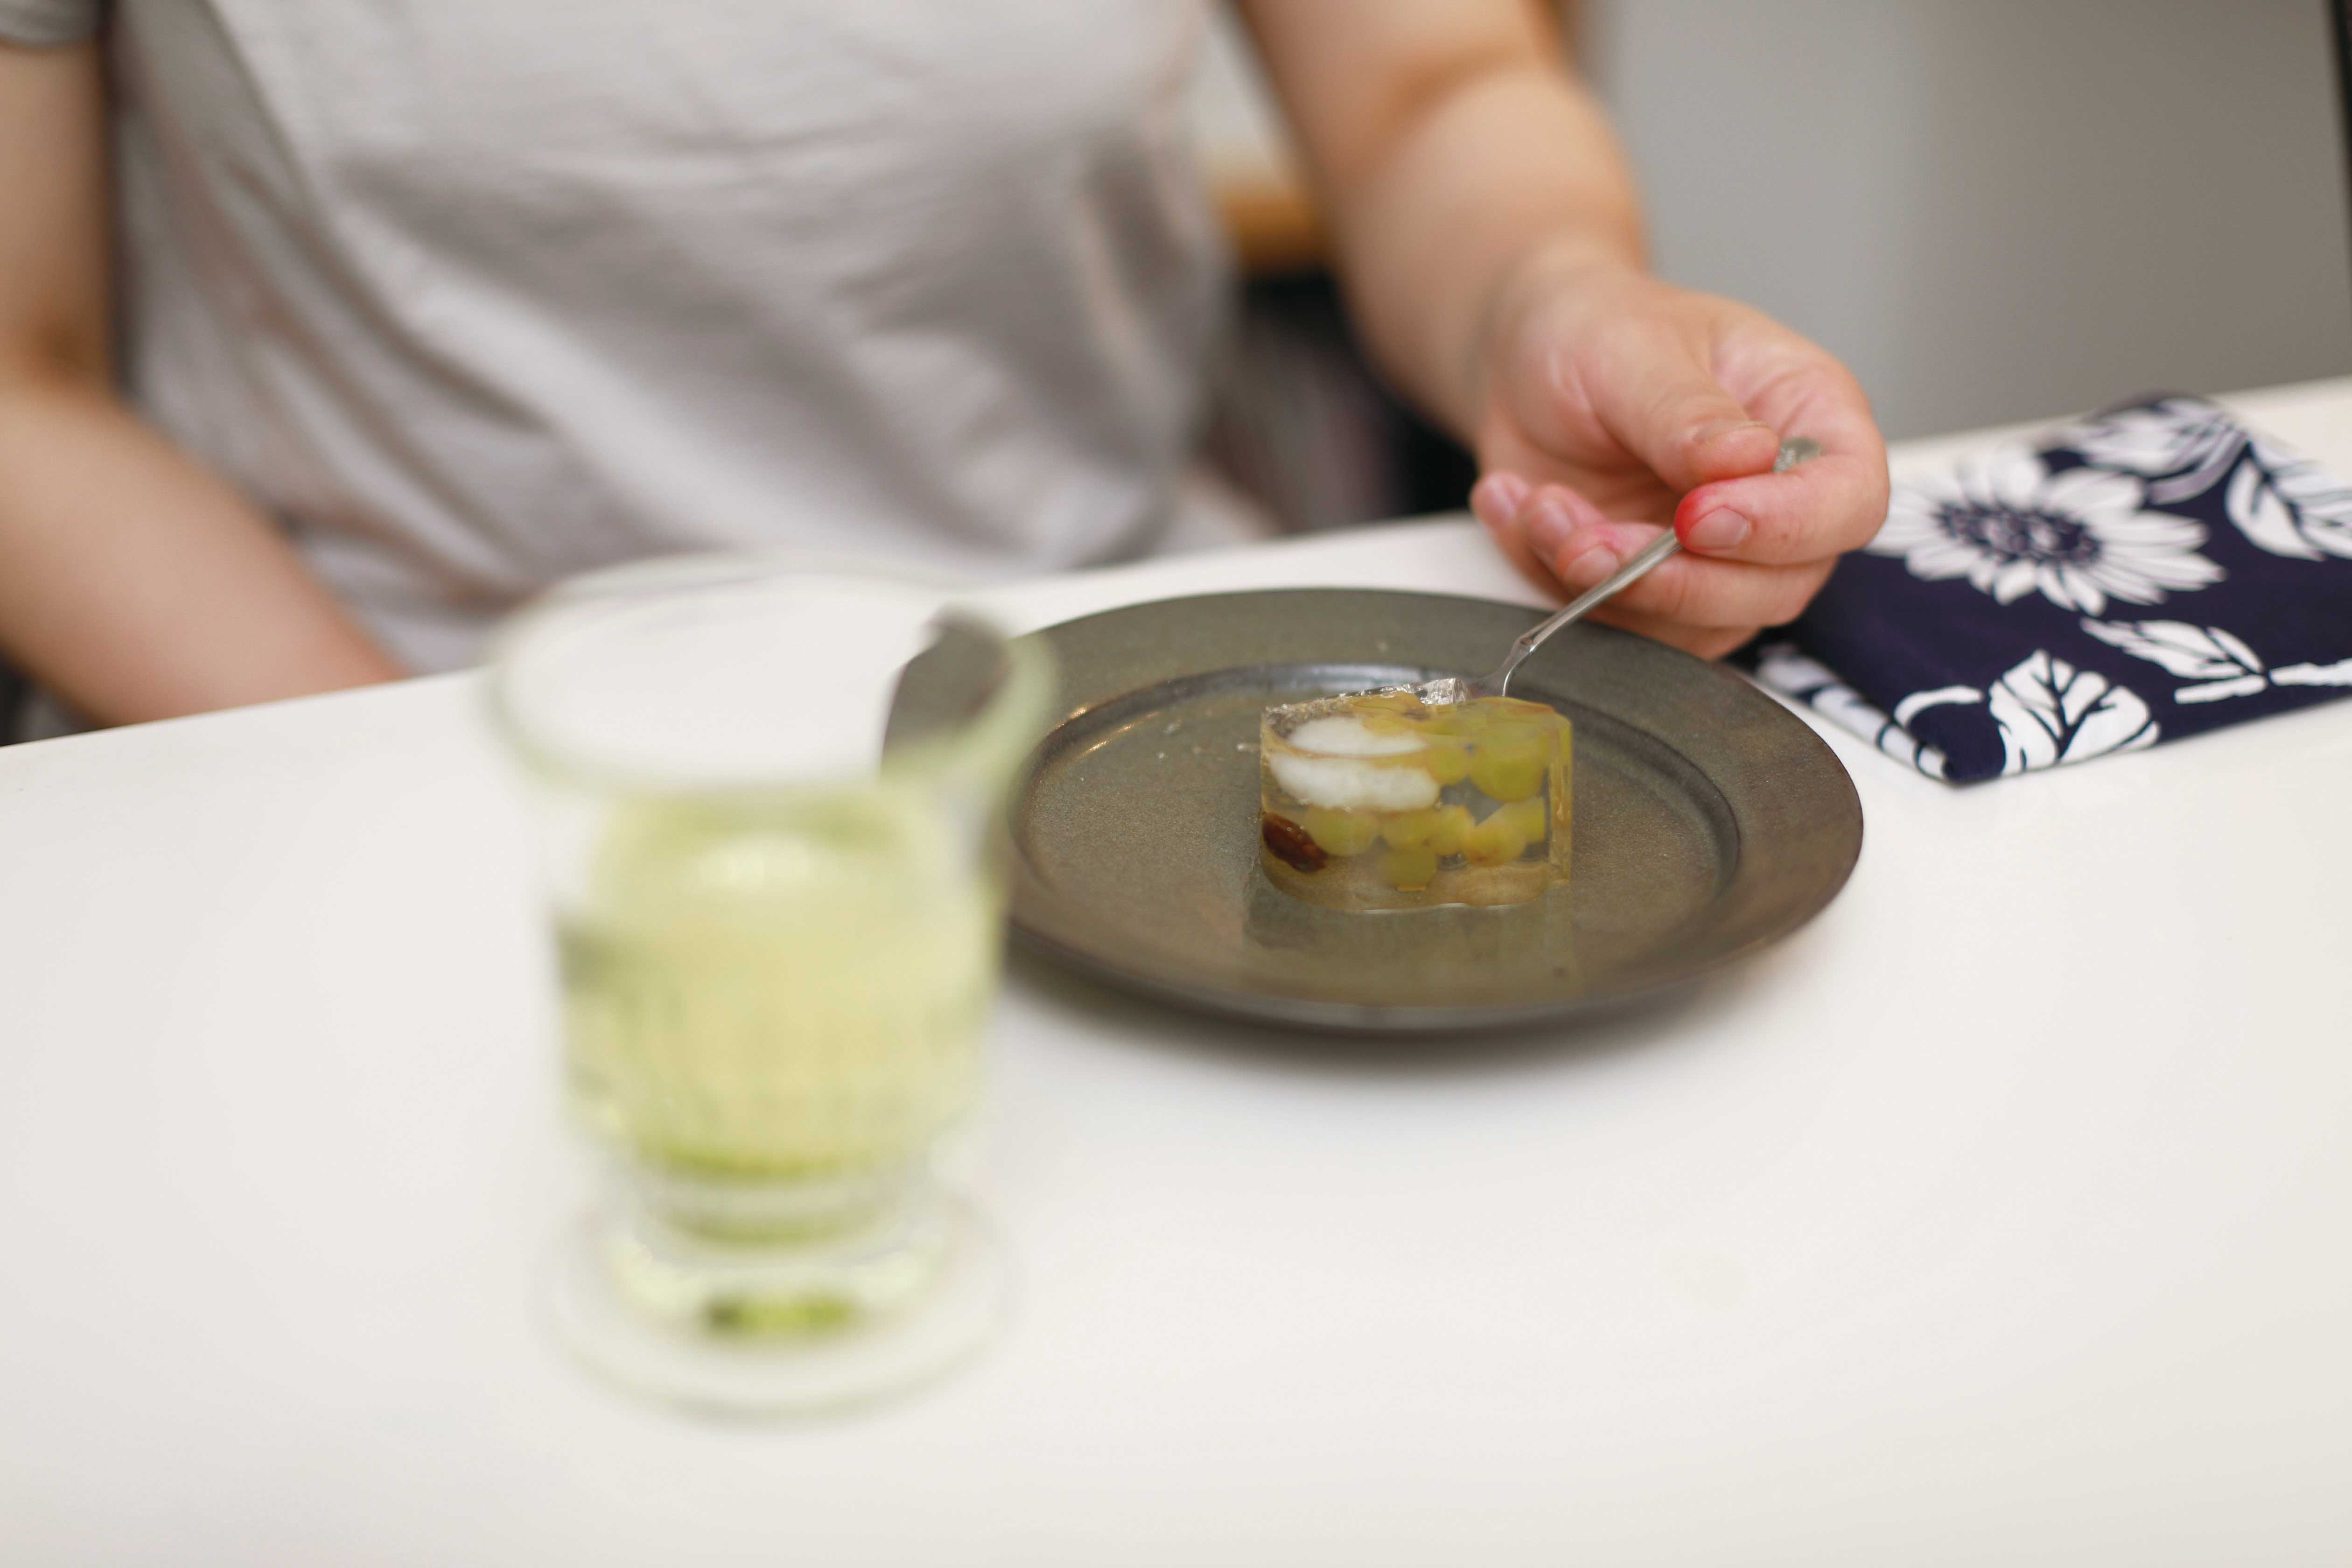 お菓子を食べる名主川さんの写真